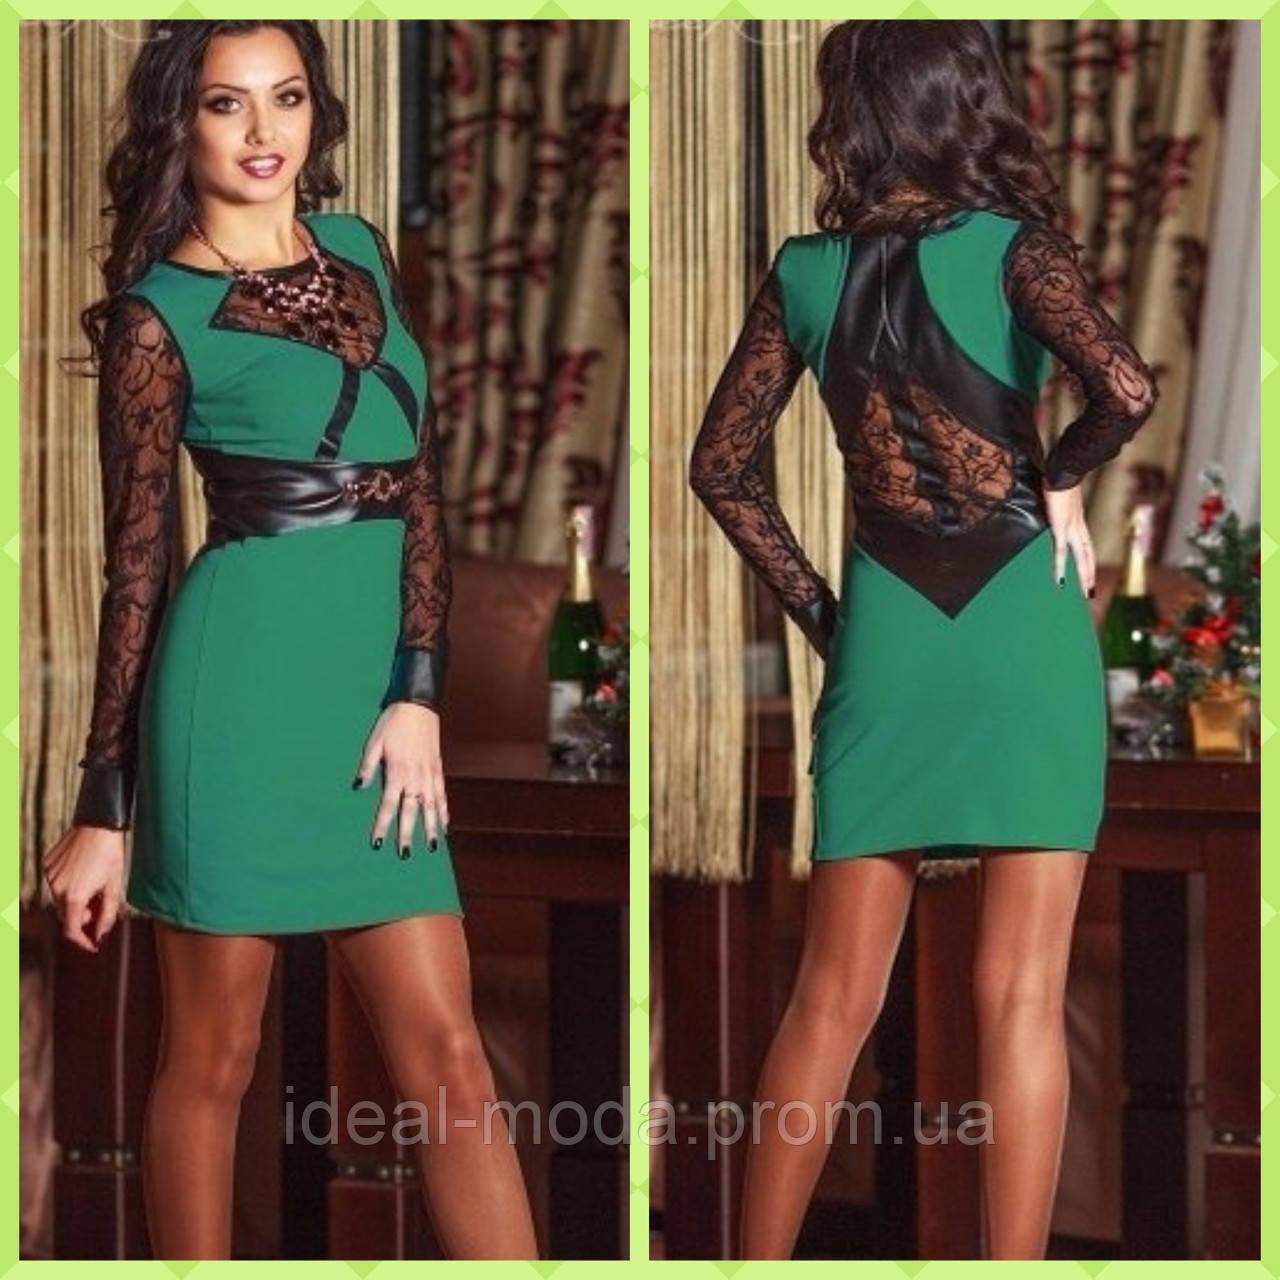 d8419455f55 Вечерние платья Ириска 48-50  продажа